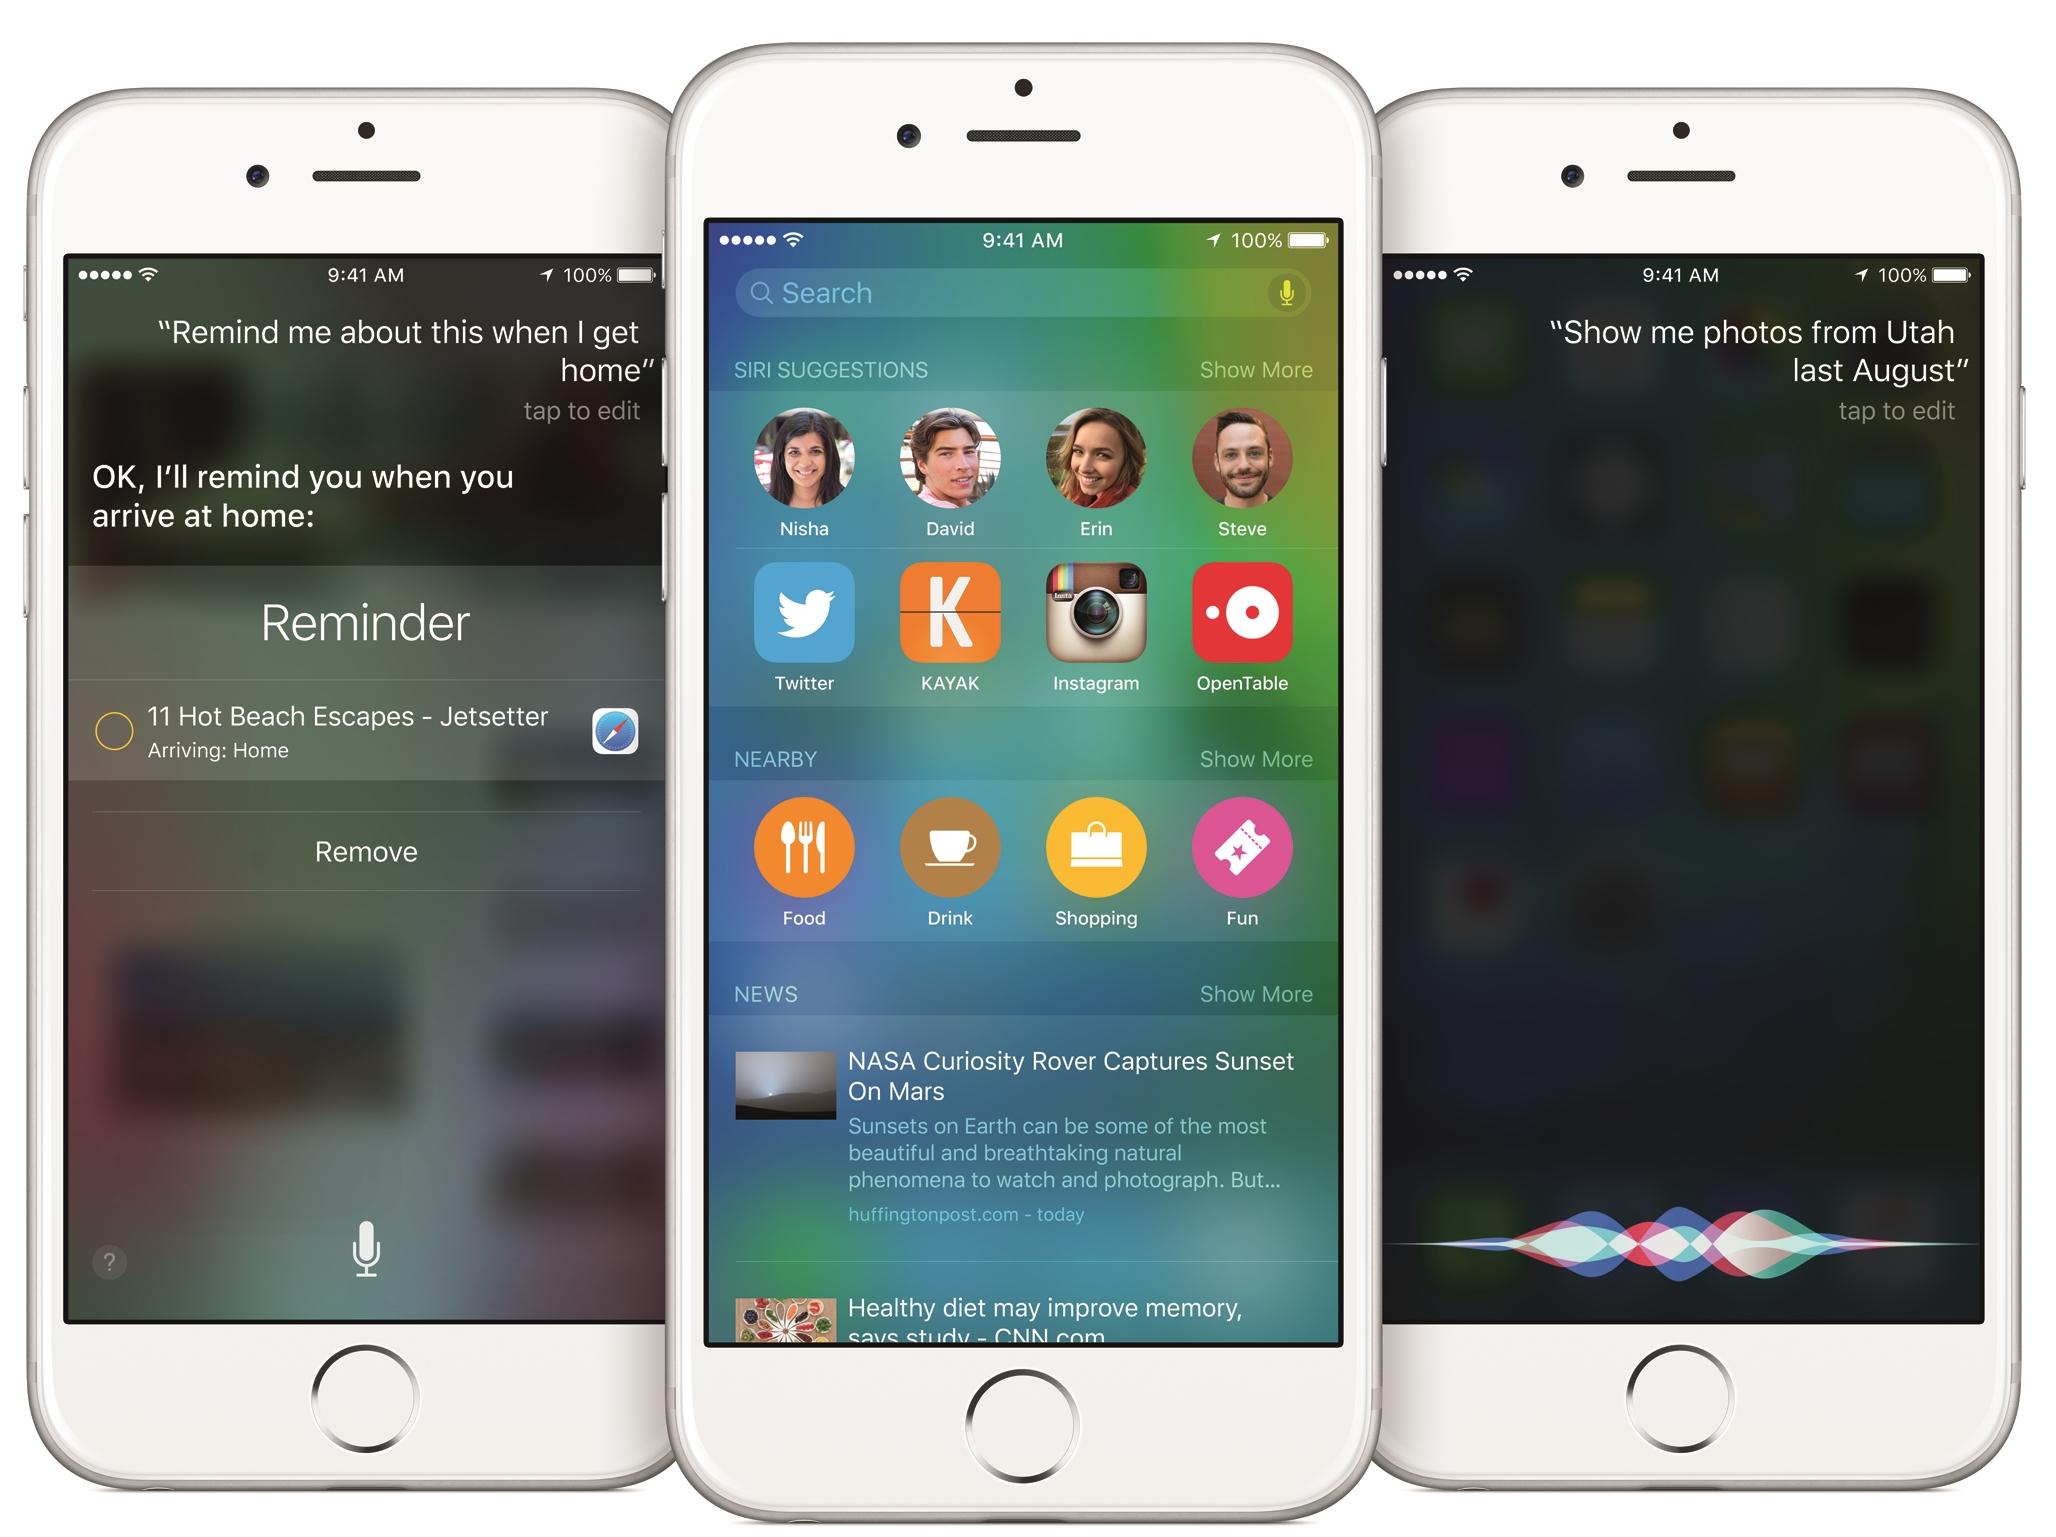 Apple Enabling Safari Ad Blockers in iOS 9?